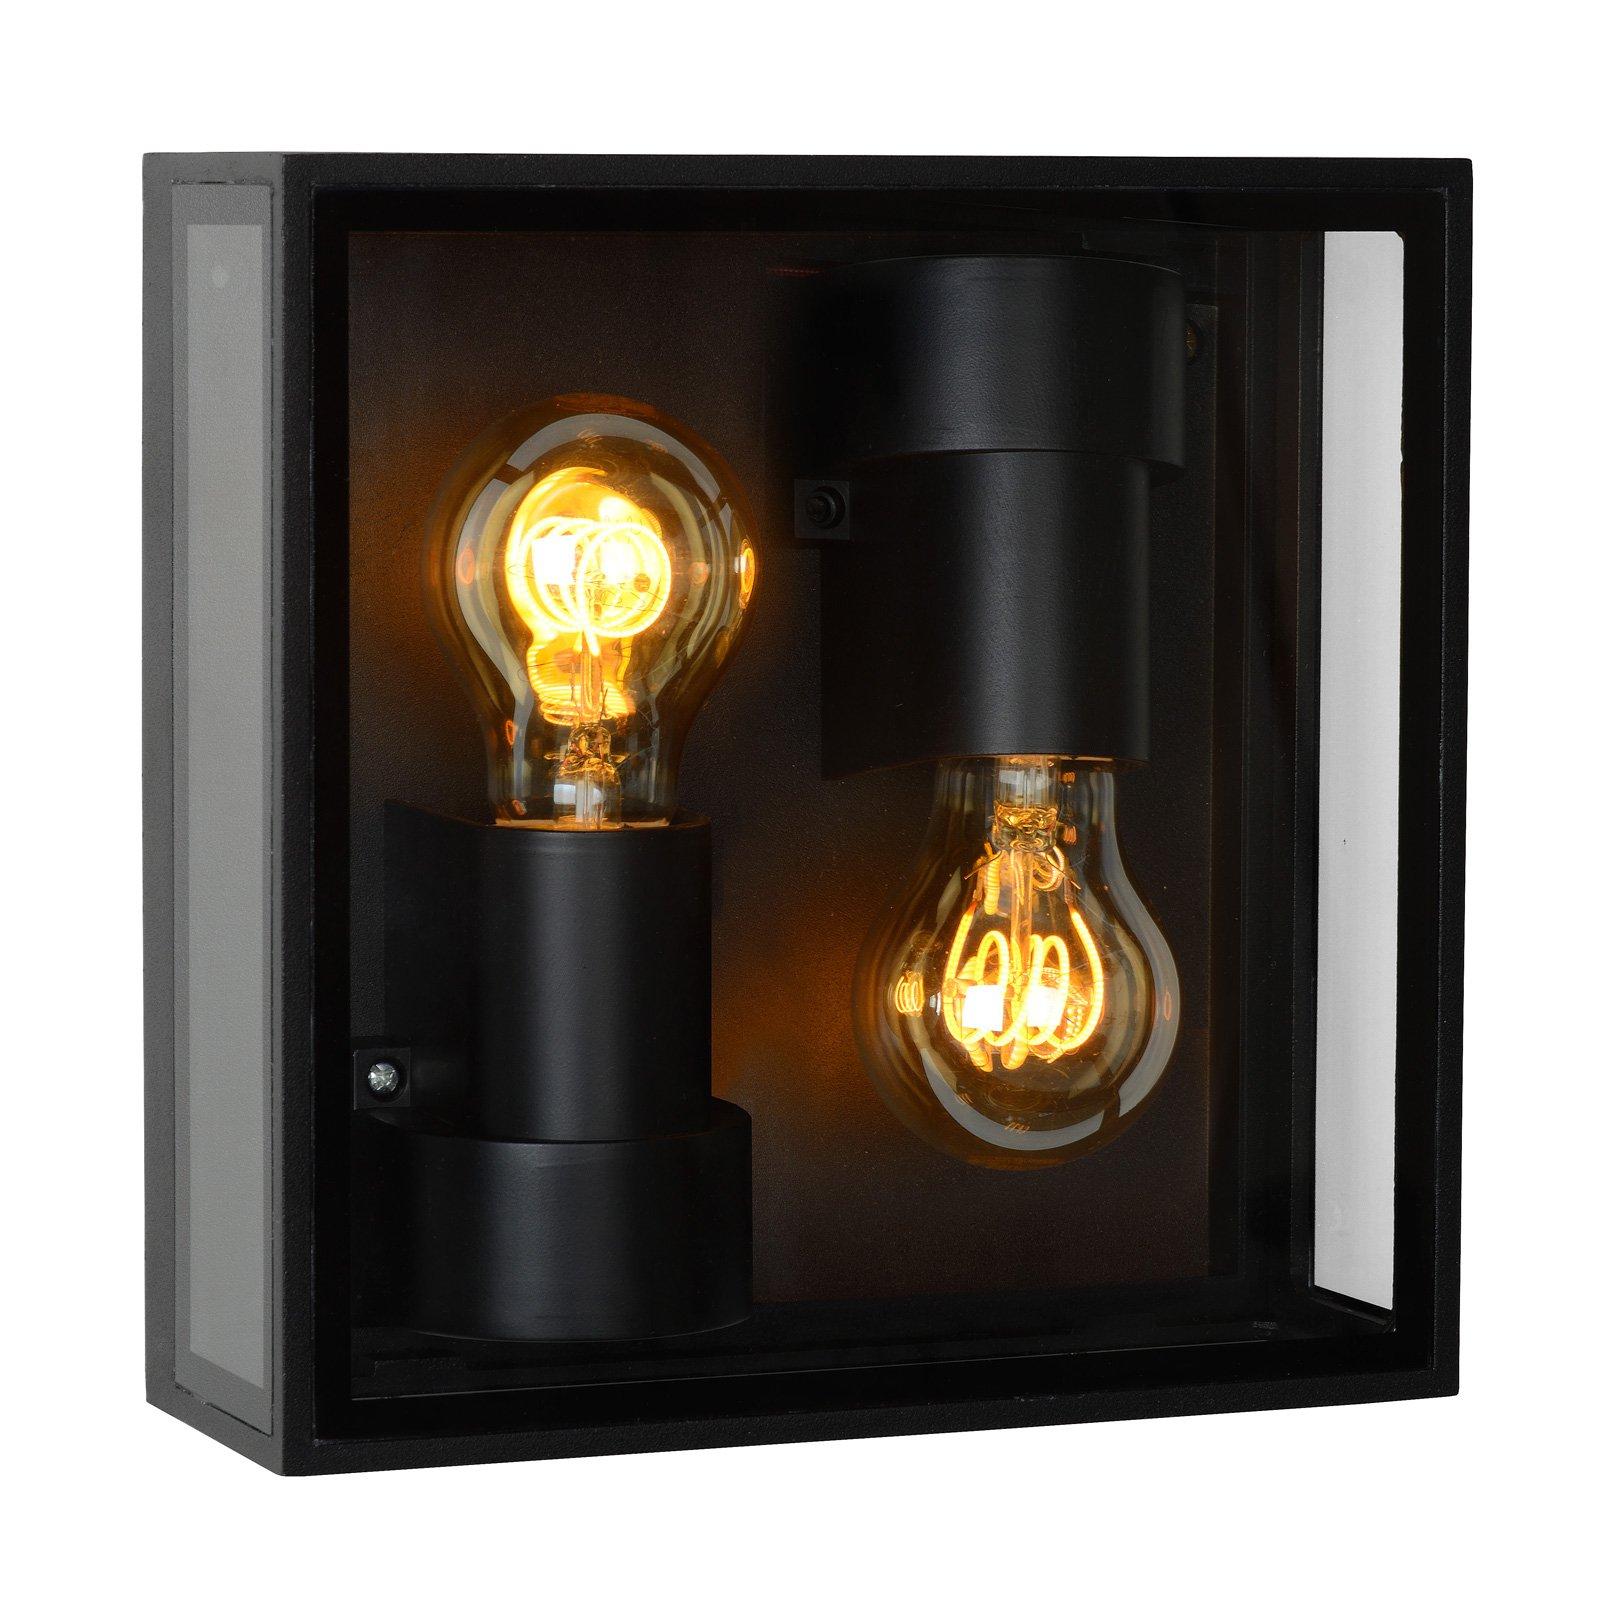 Dukan utendørs taklampe IP65, 2 lyskilder